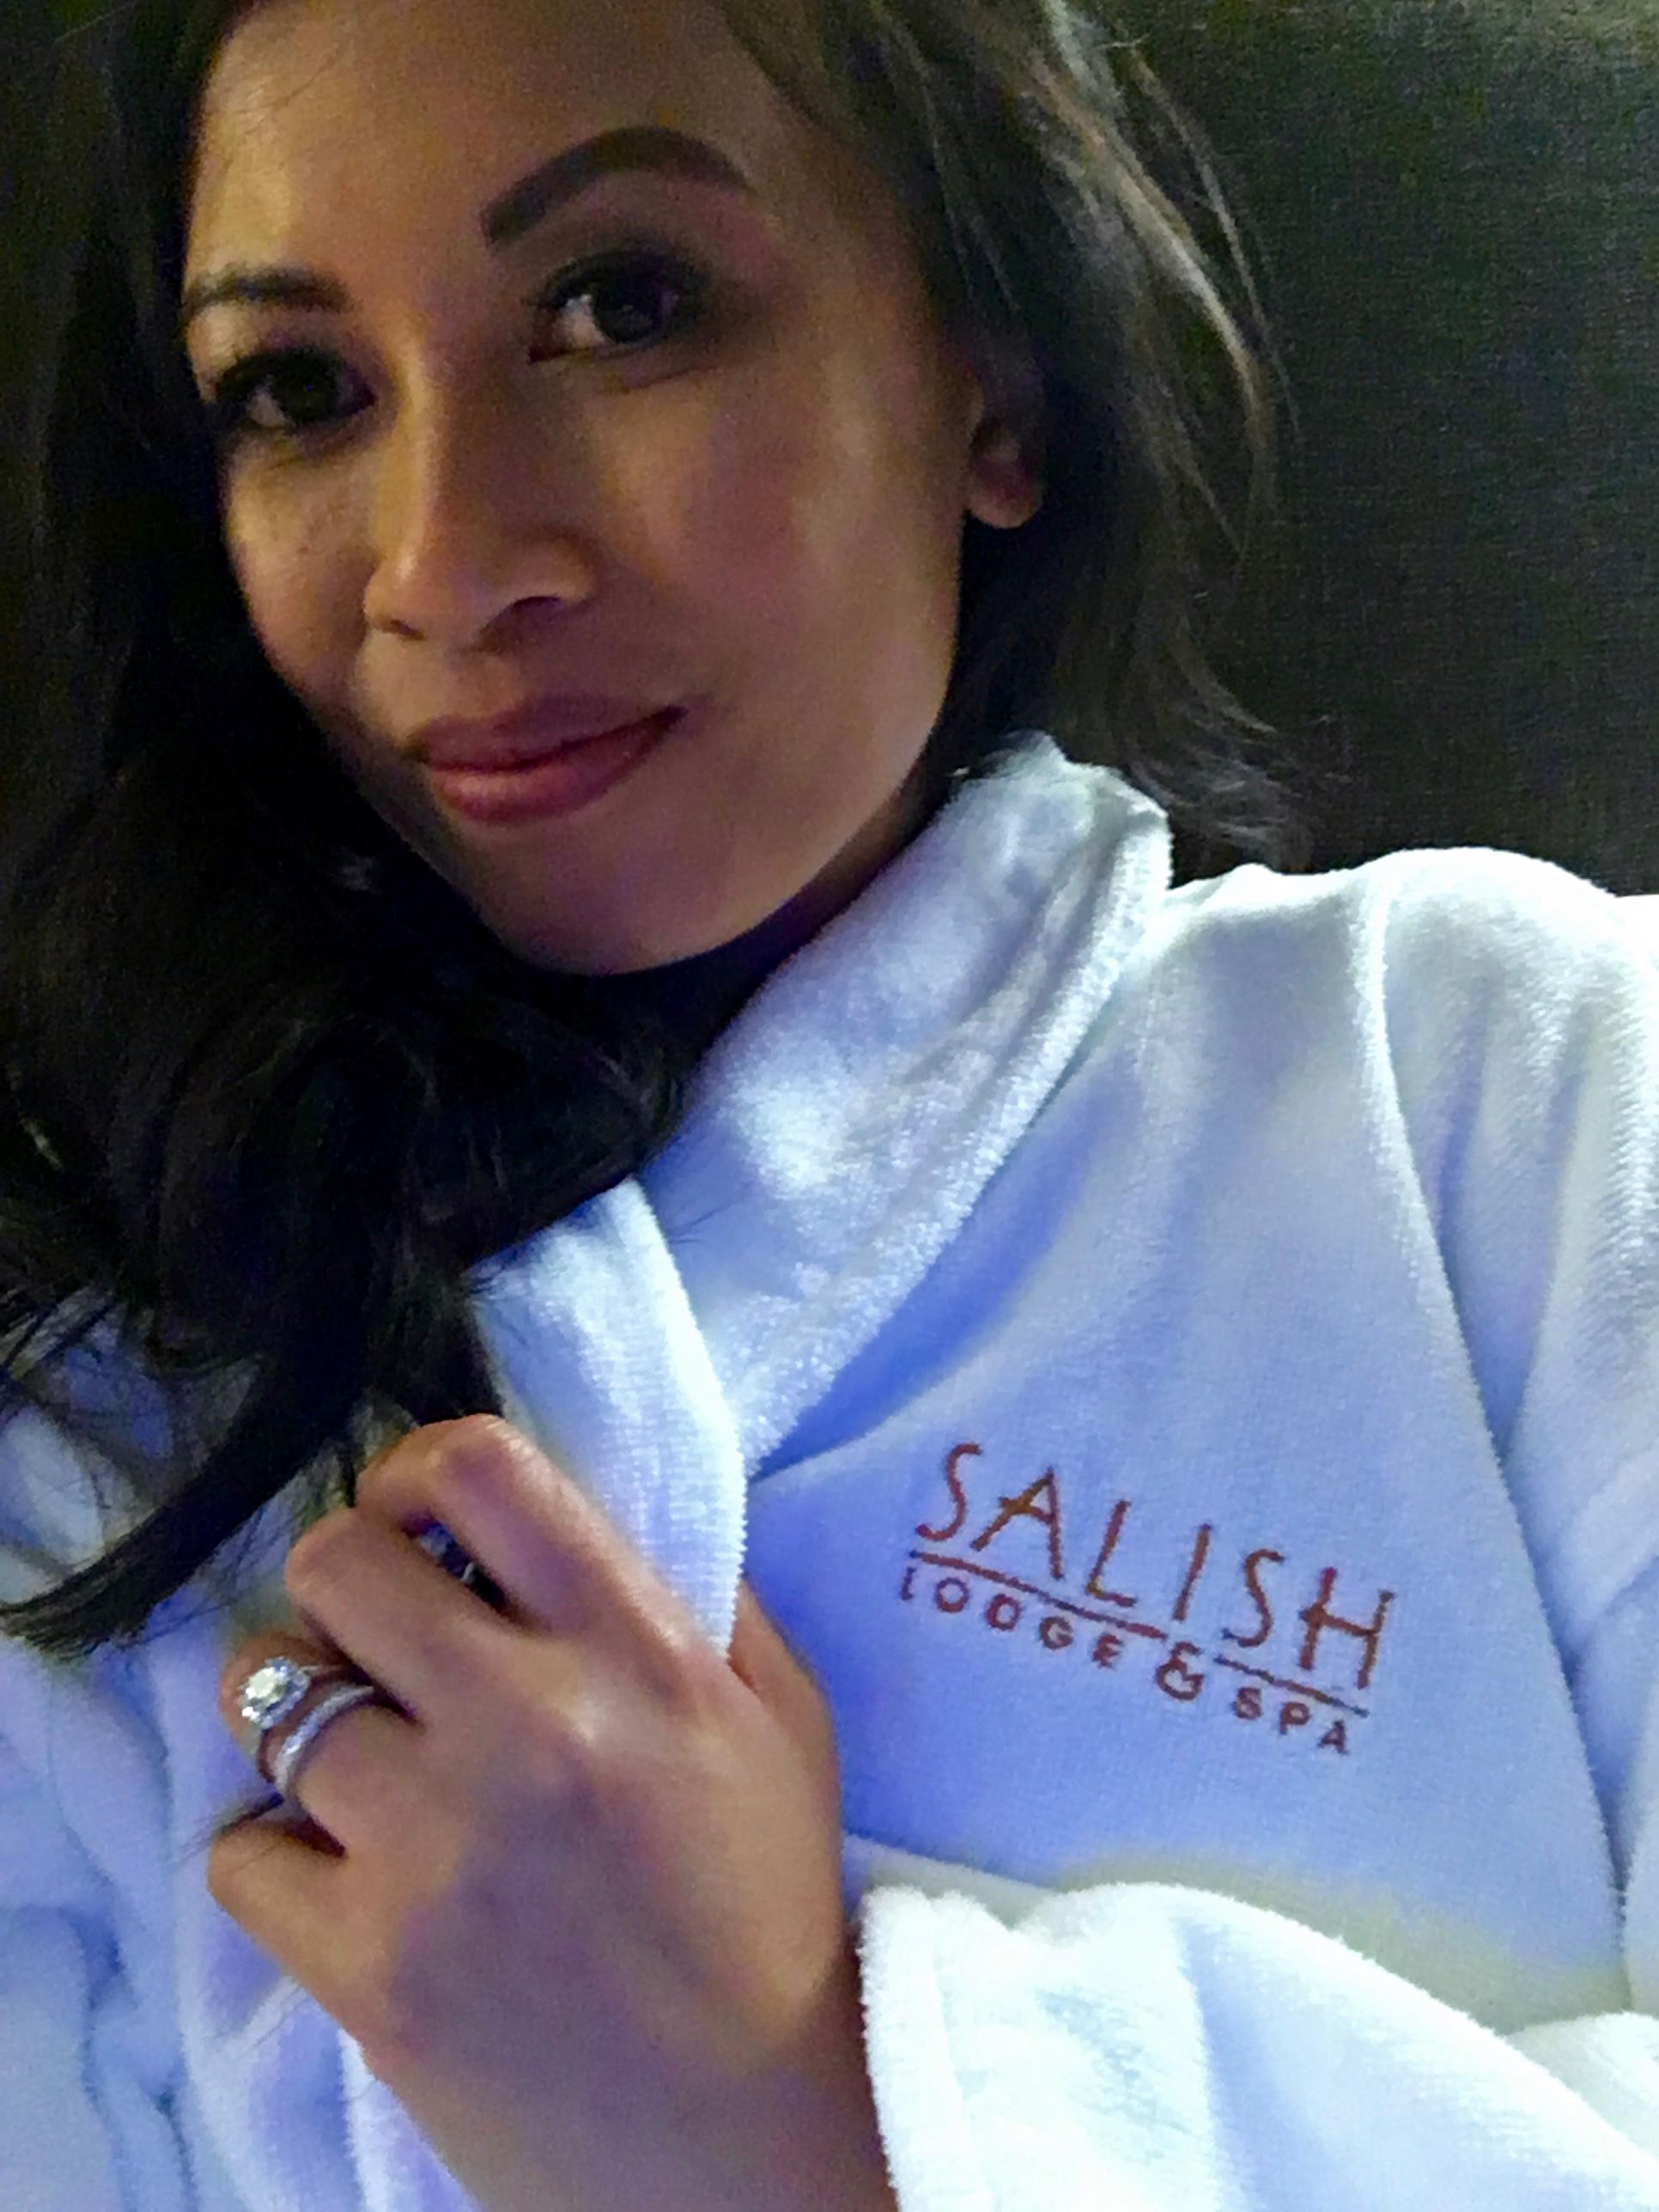 Salish Lodge and Spa 8.jpg